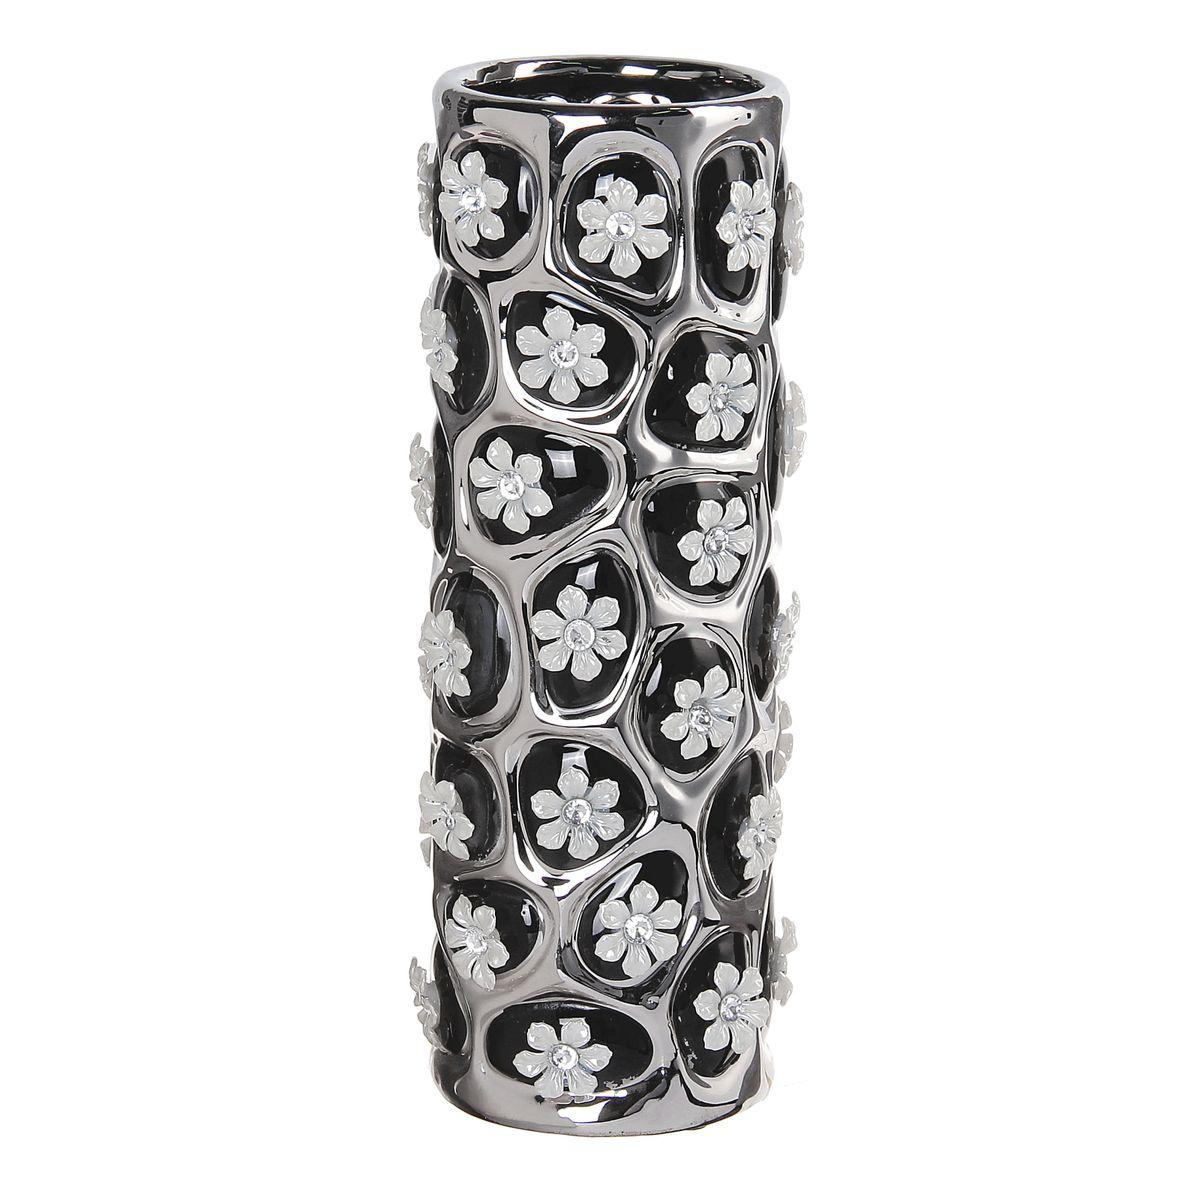 Ваза керамика цветочный орнамент 27*9*9 см черная 866189FS-91909Керамика